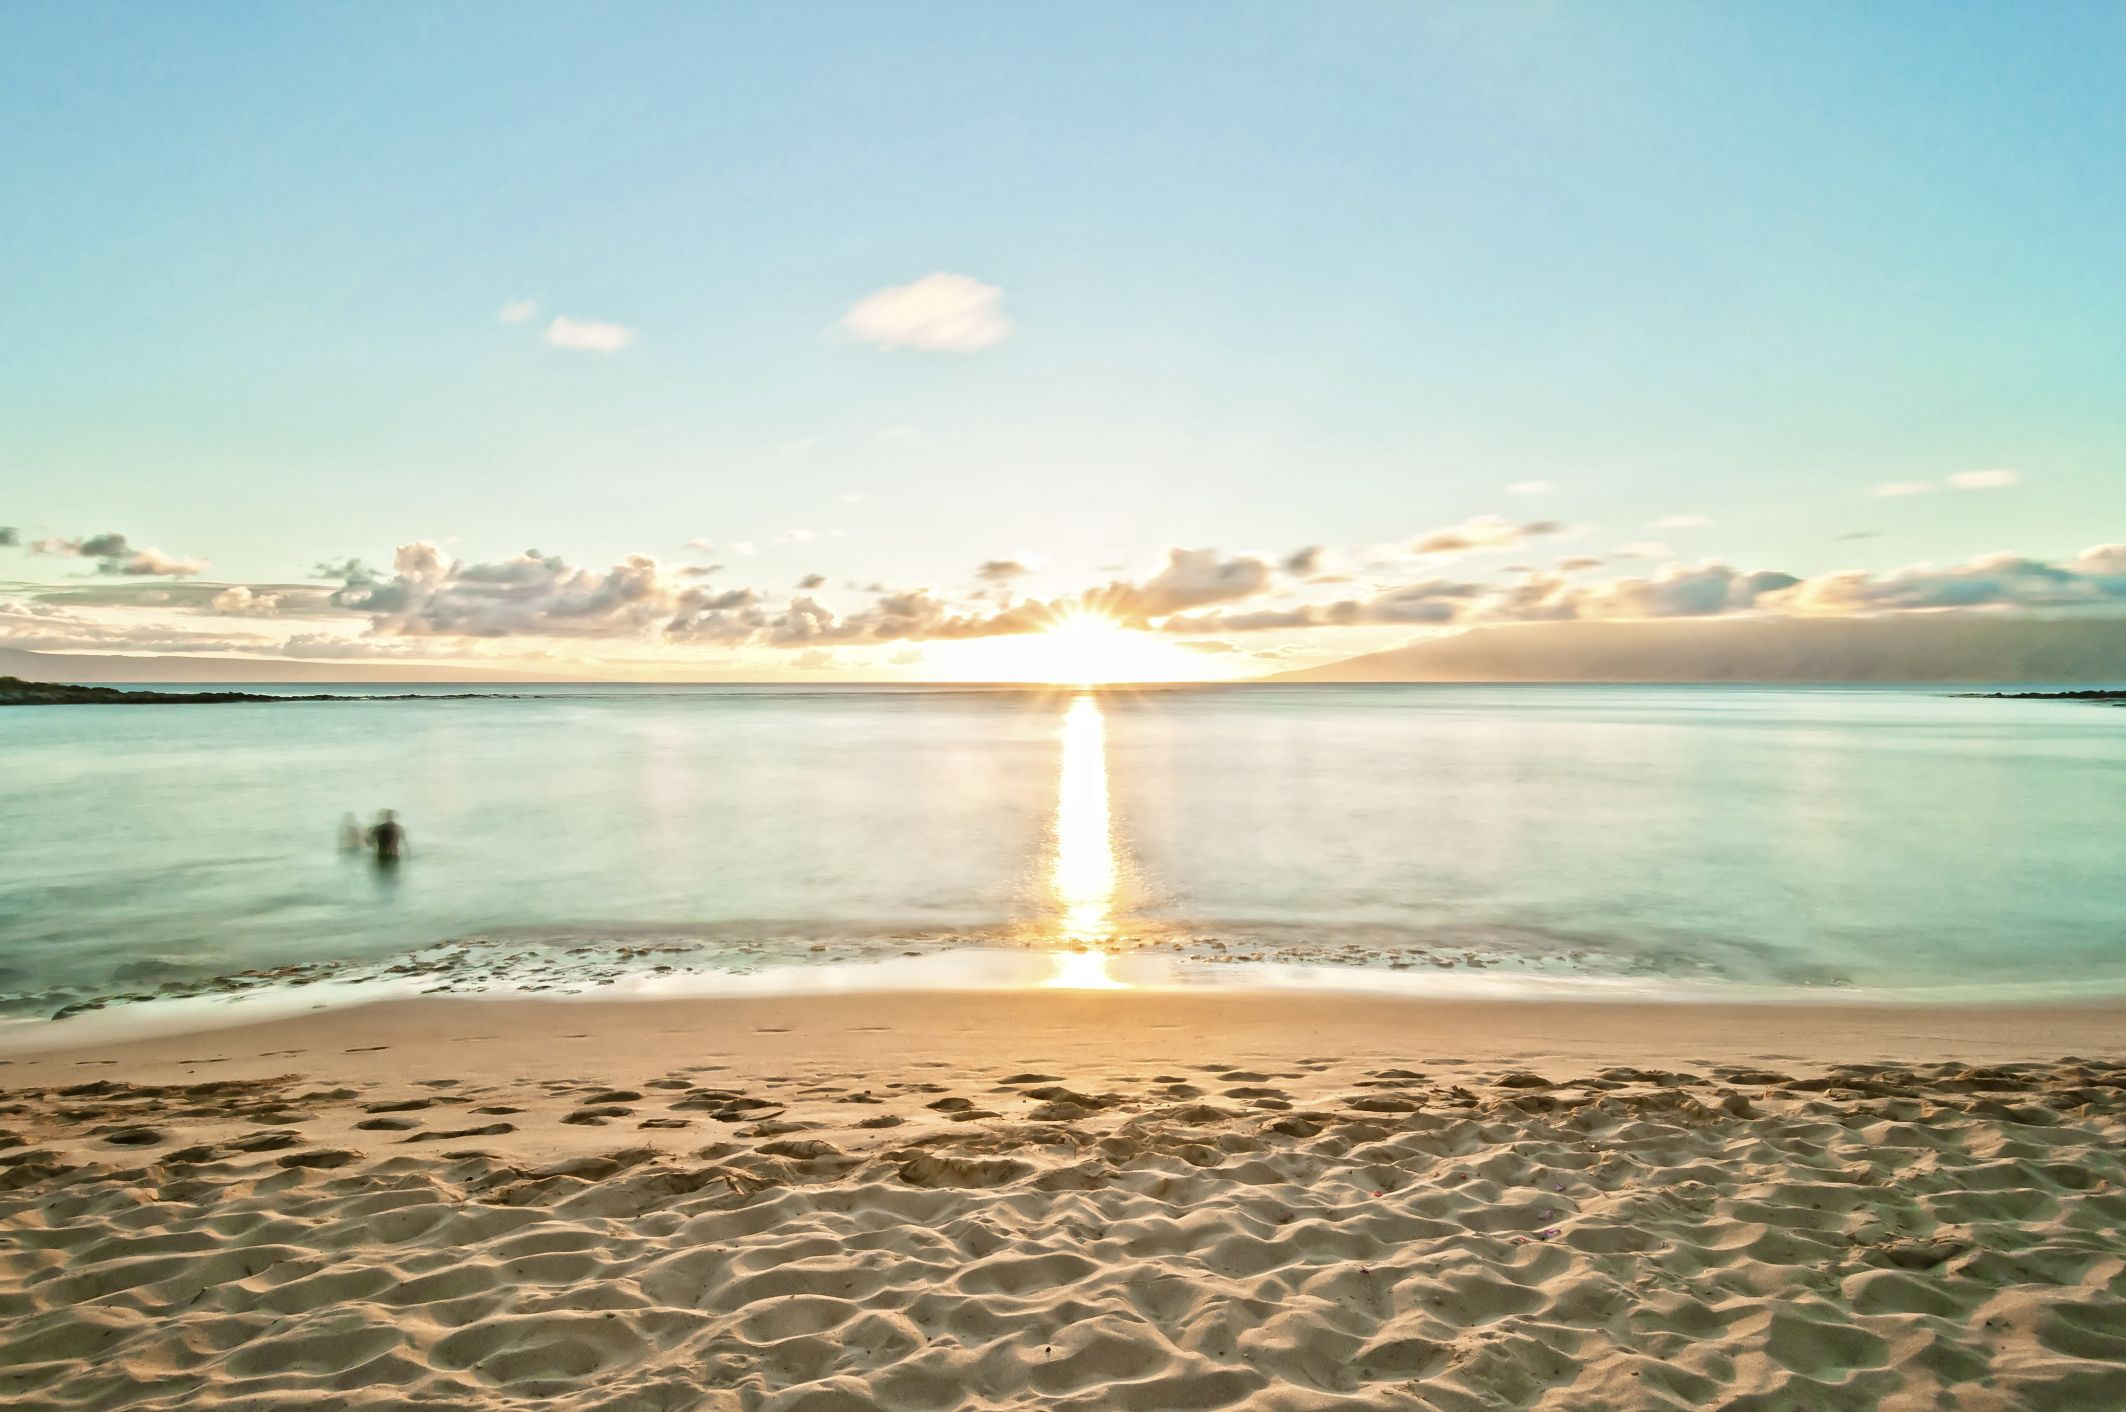 Beach Day Hawaii